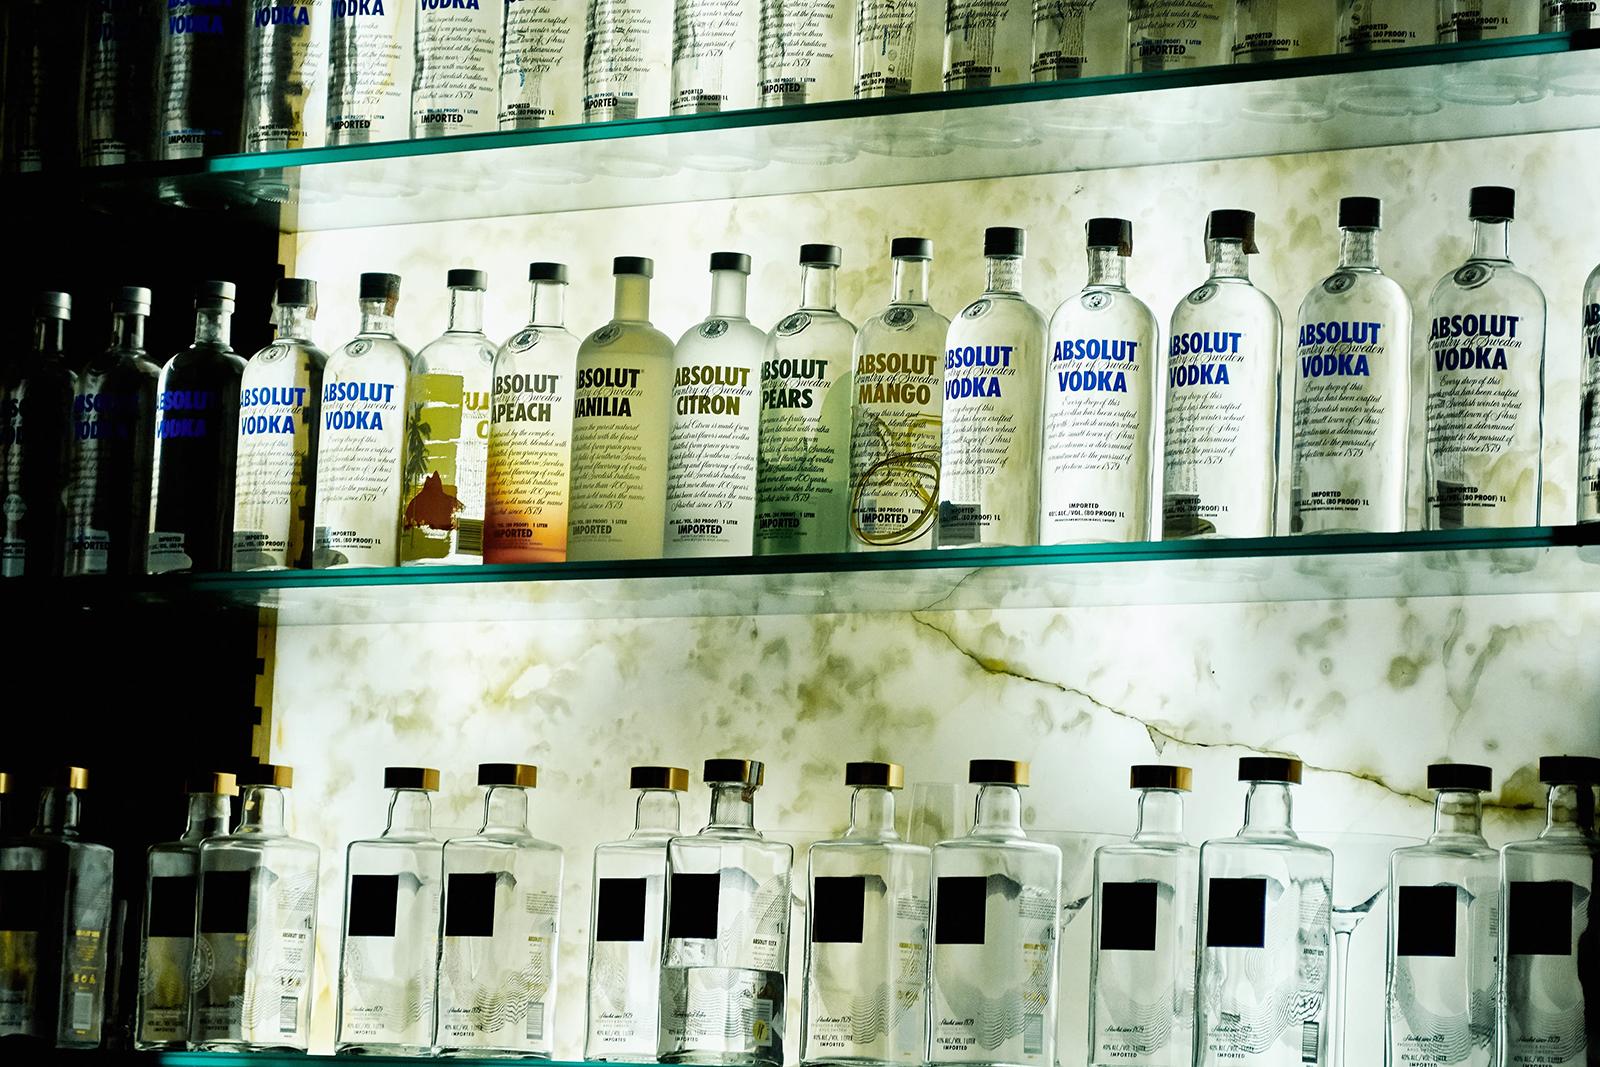 Absolut Vodka, Ramazzotti und Malibu endlich offiziell tierversuchsfrei